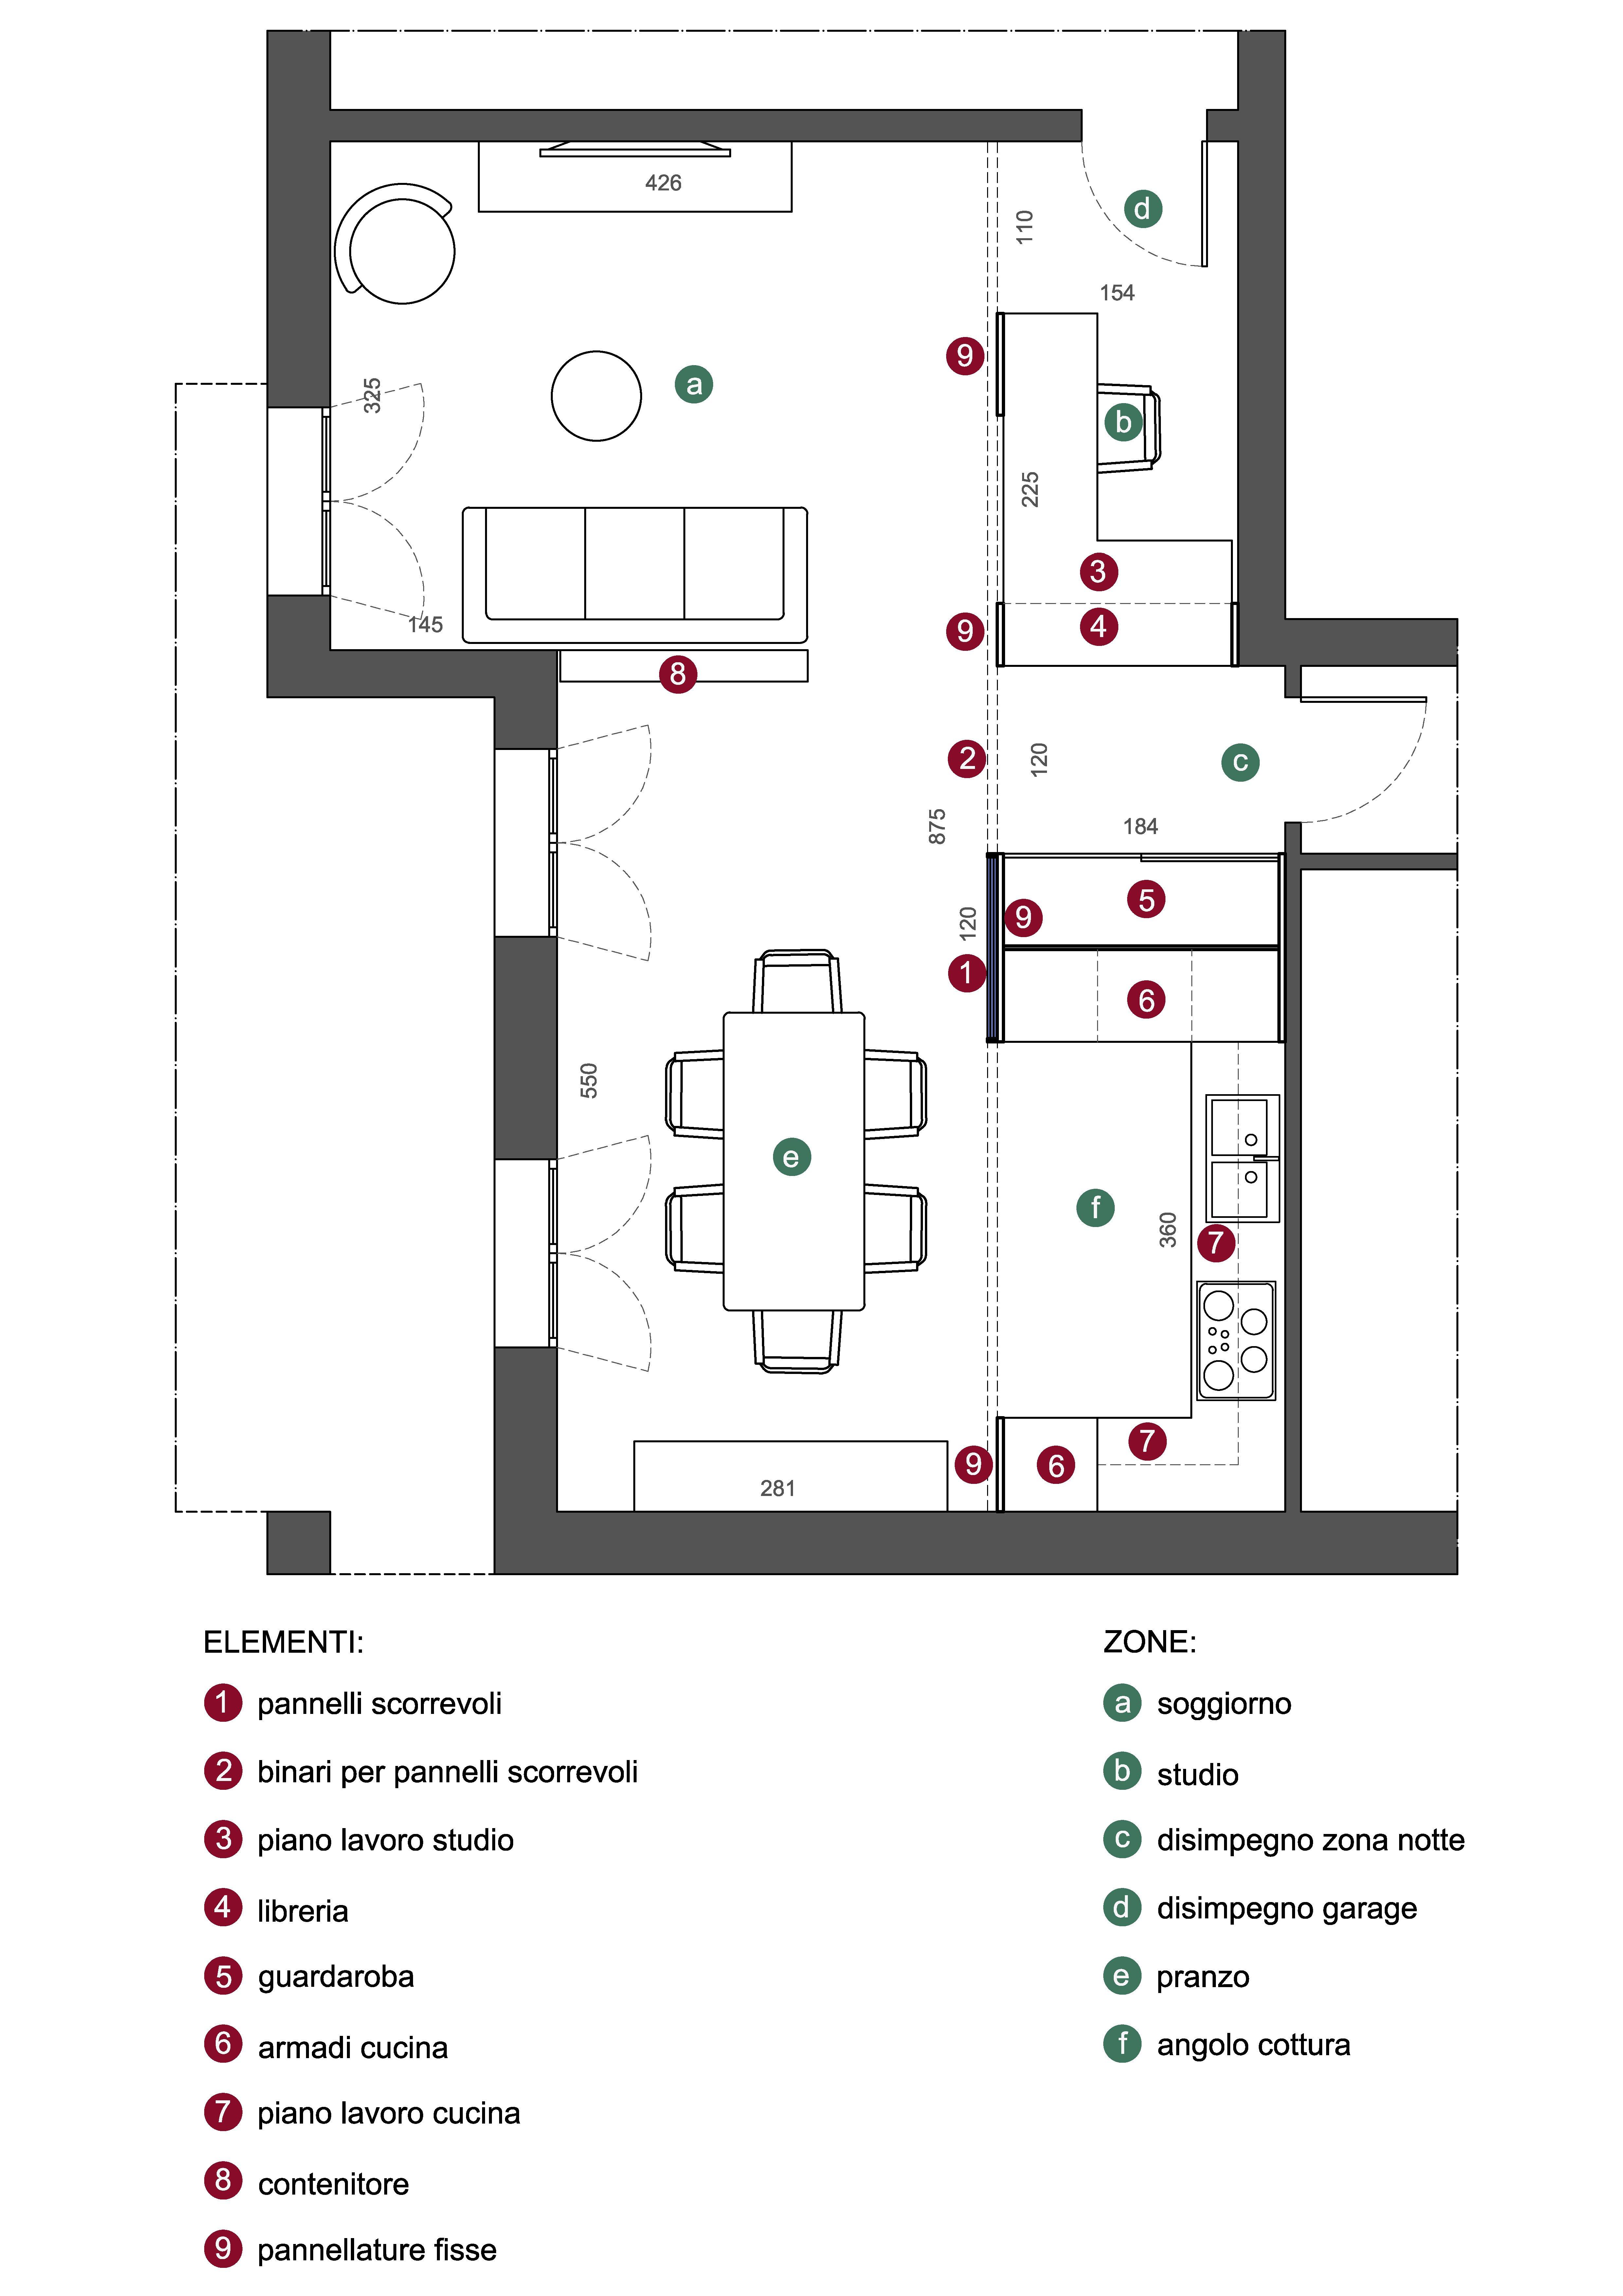 Disegnare cucina 3d simple un d prospettiva punto singolo for Come costruire un programma online casa gratuitamente